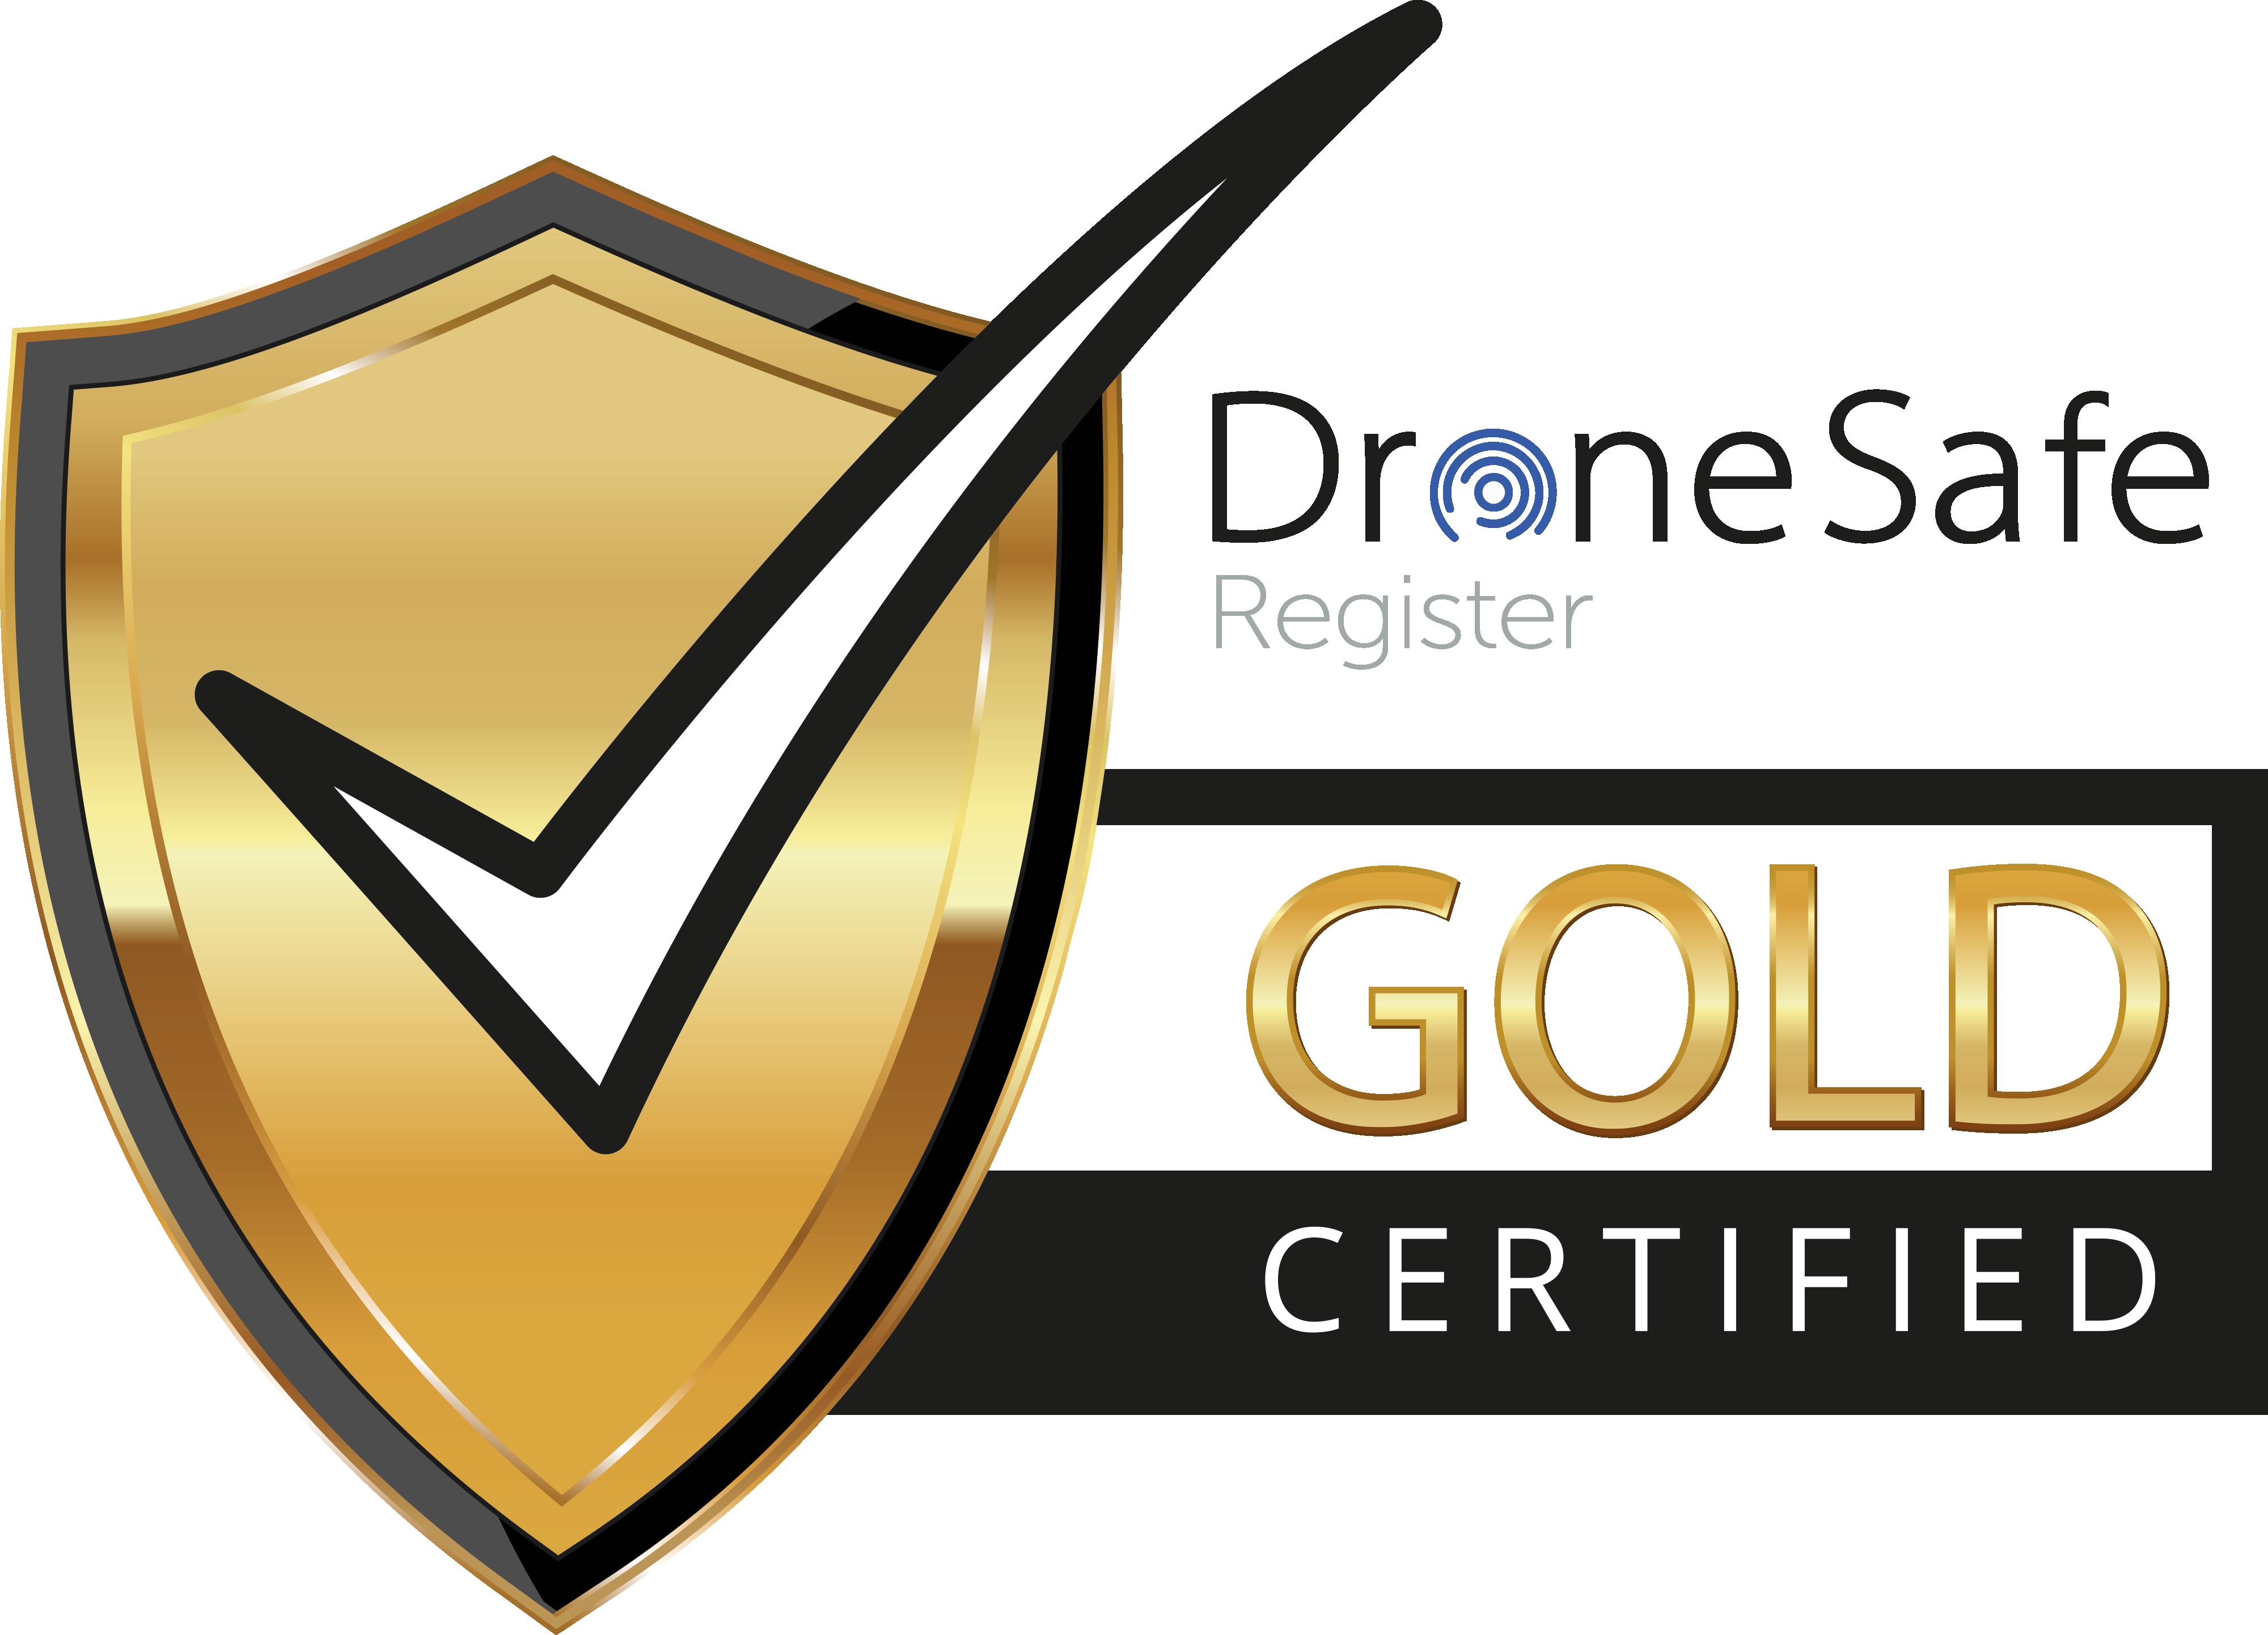 DroneSafe Certificate